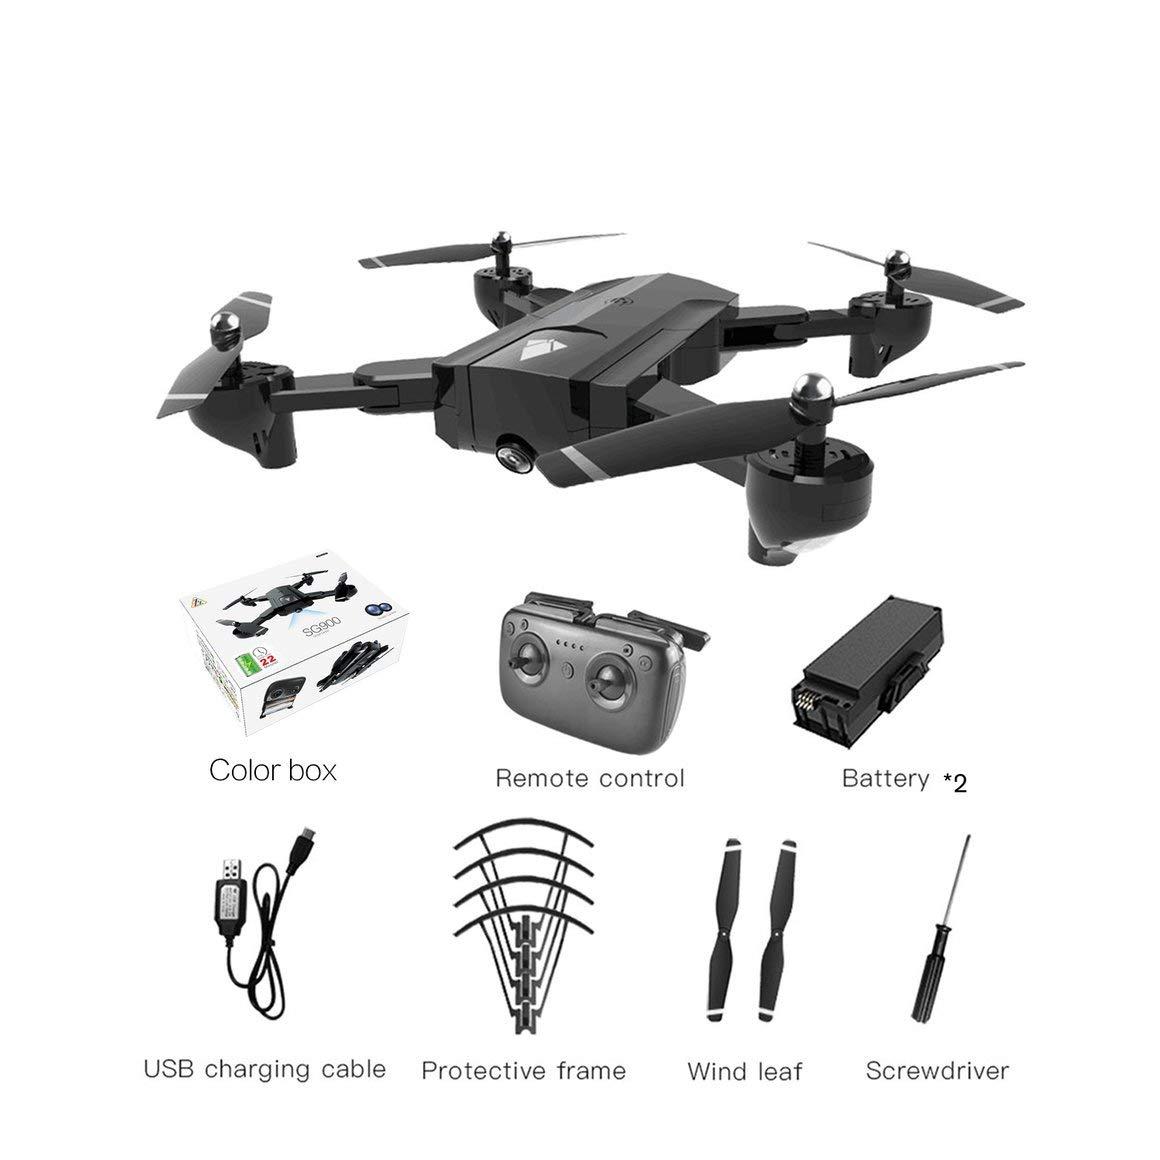 en venta en línea Negro Negro Negro Funnyrunstore SG900 Drone RC Plegable 2.4GHz WiFi Drones ópticos Flujo de posicionamiento Avión Drone RC con cámara 4K y batería 2  2200mAh  edición limitada en caliente